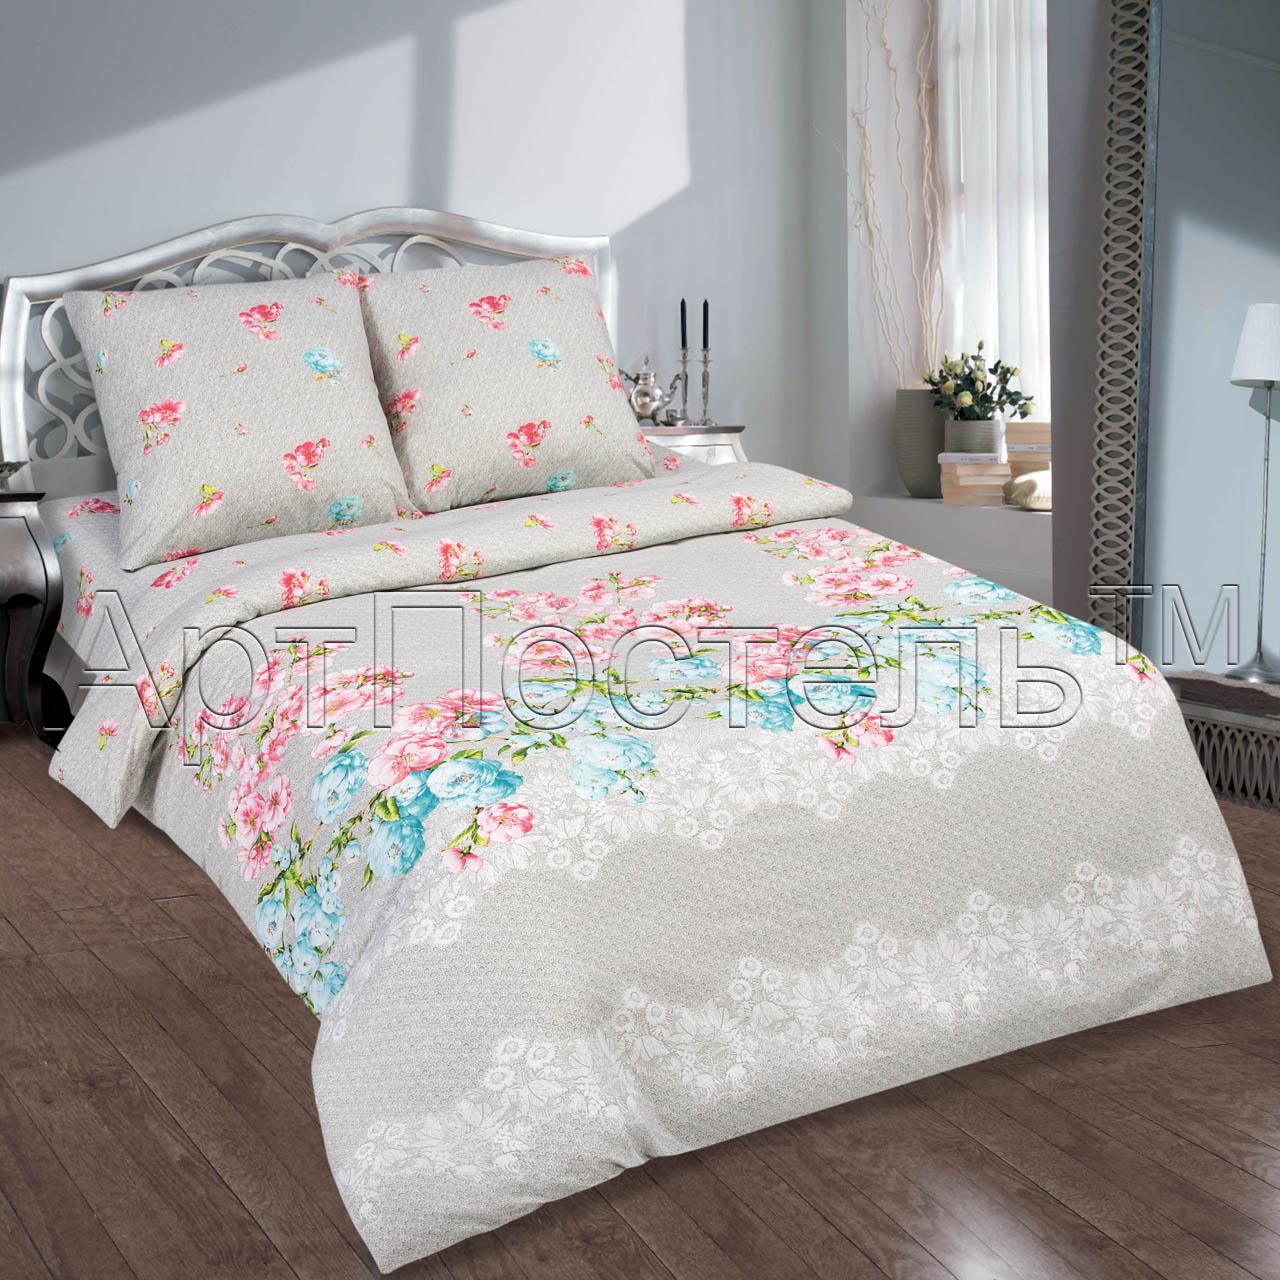 Комплект постельного белья Ноктюрн из поплинаПоплин<br><br><br>Размер: 1.5сп. (2 нав.70х70)